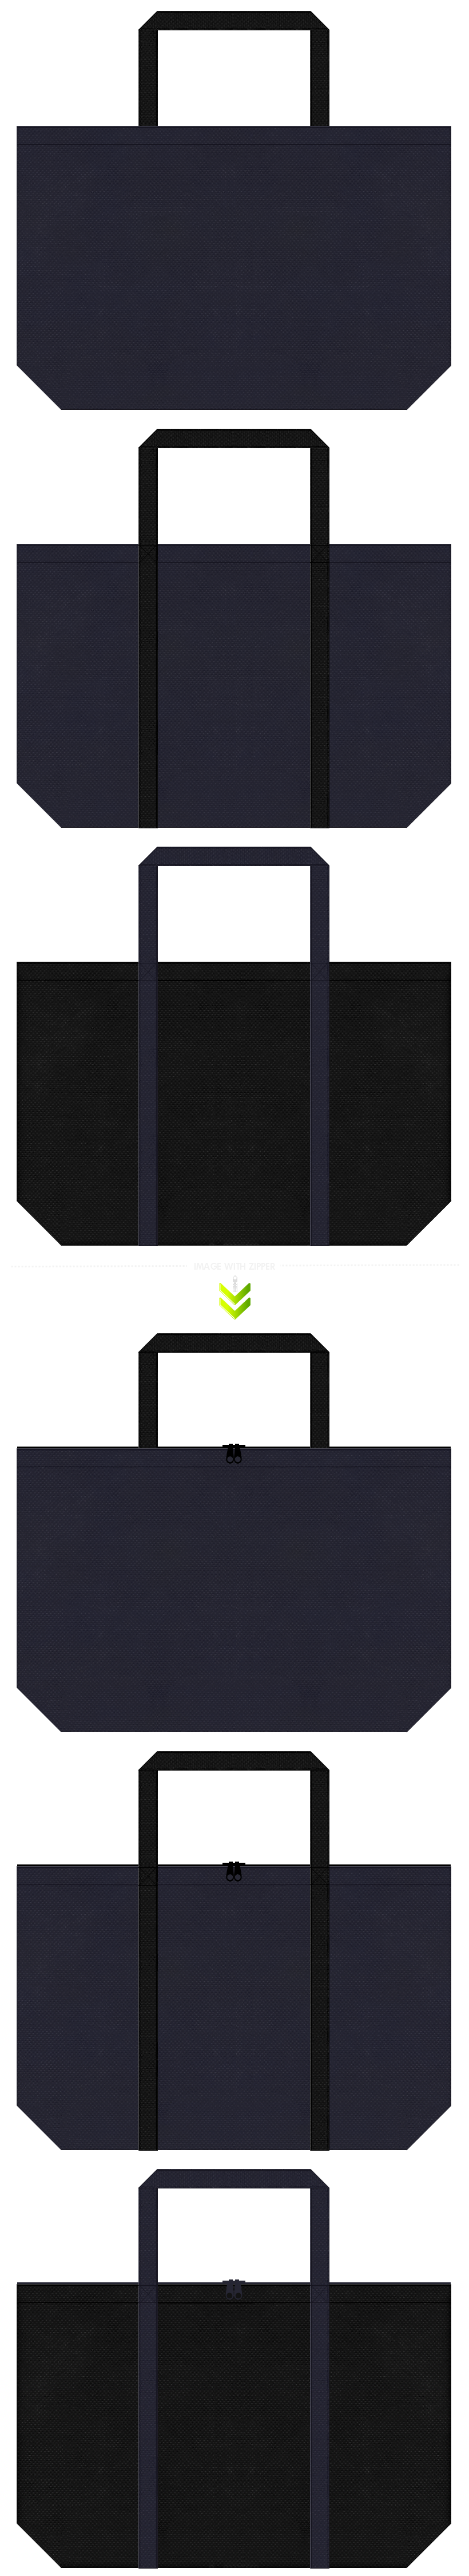 濃紺色と黒色の不織布エコバッグのデザイン。忍者コスプレ衣装のキャリーバッグにお奨めです。